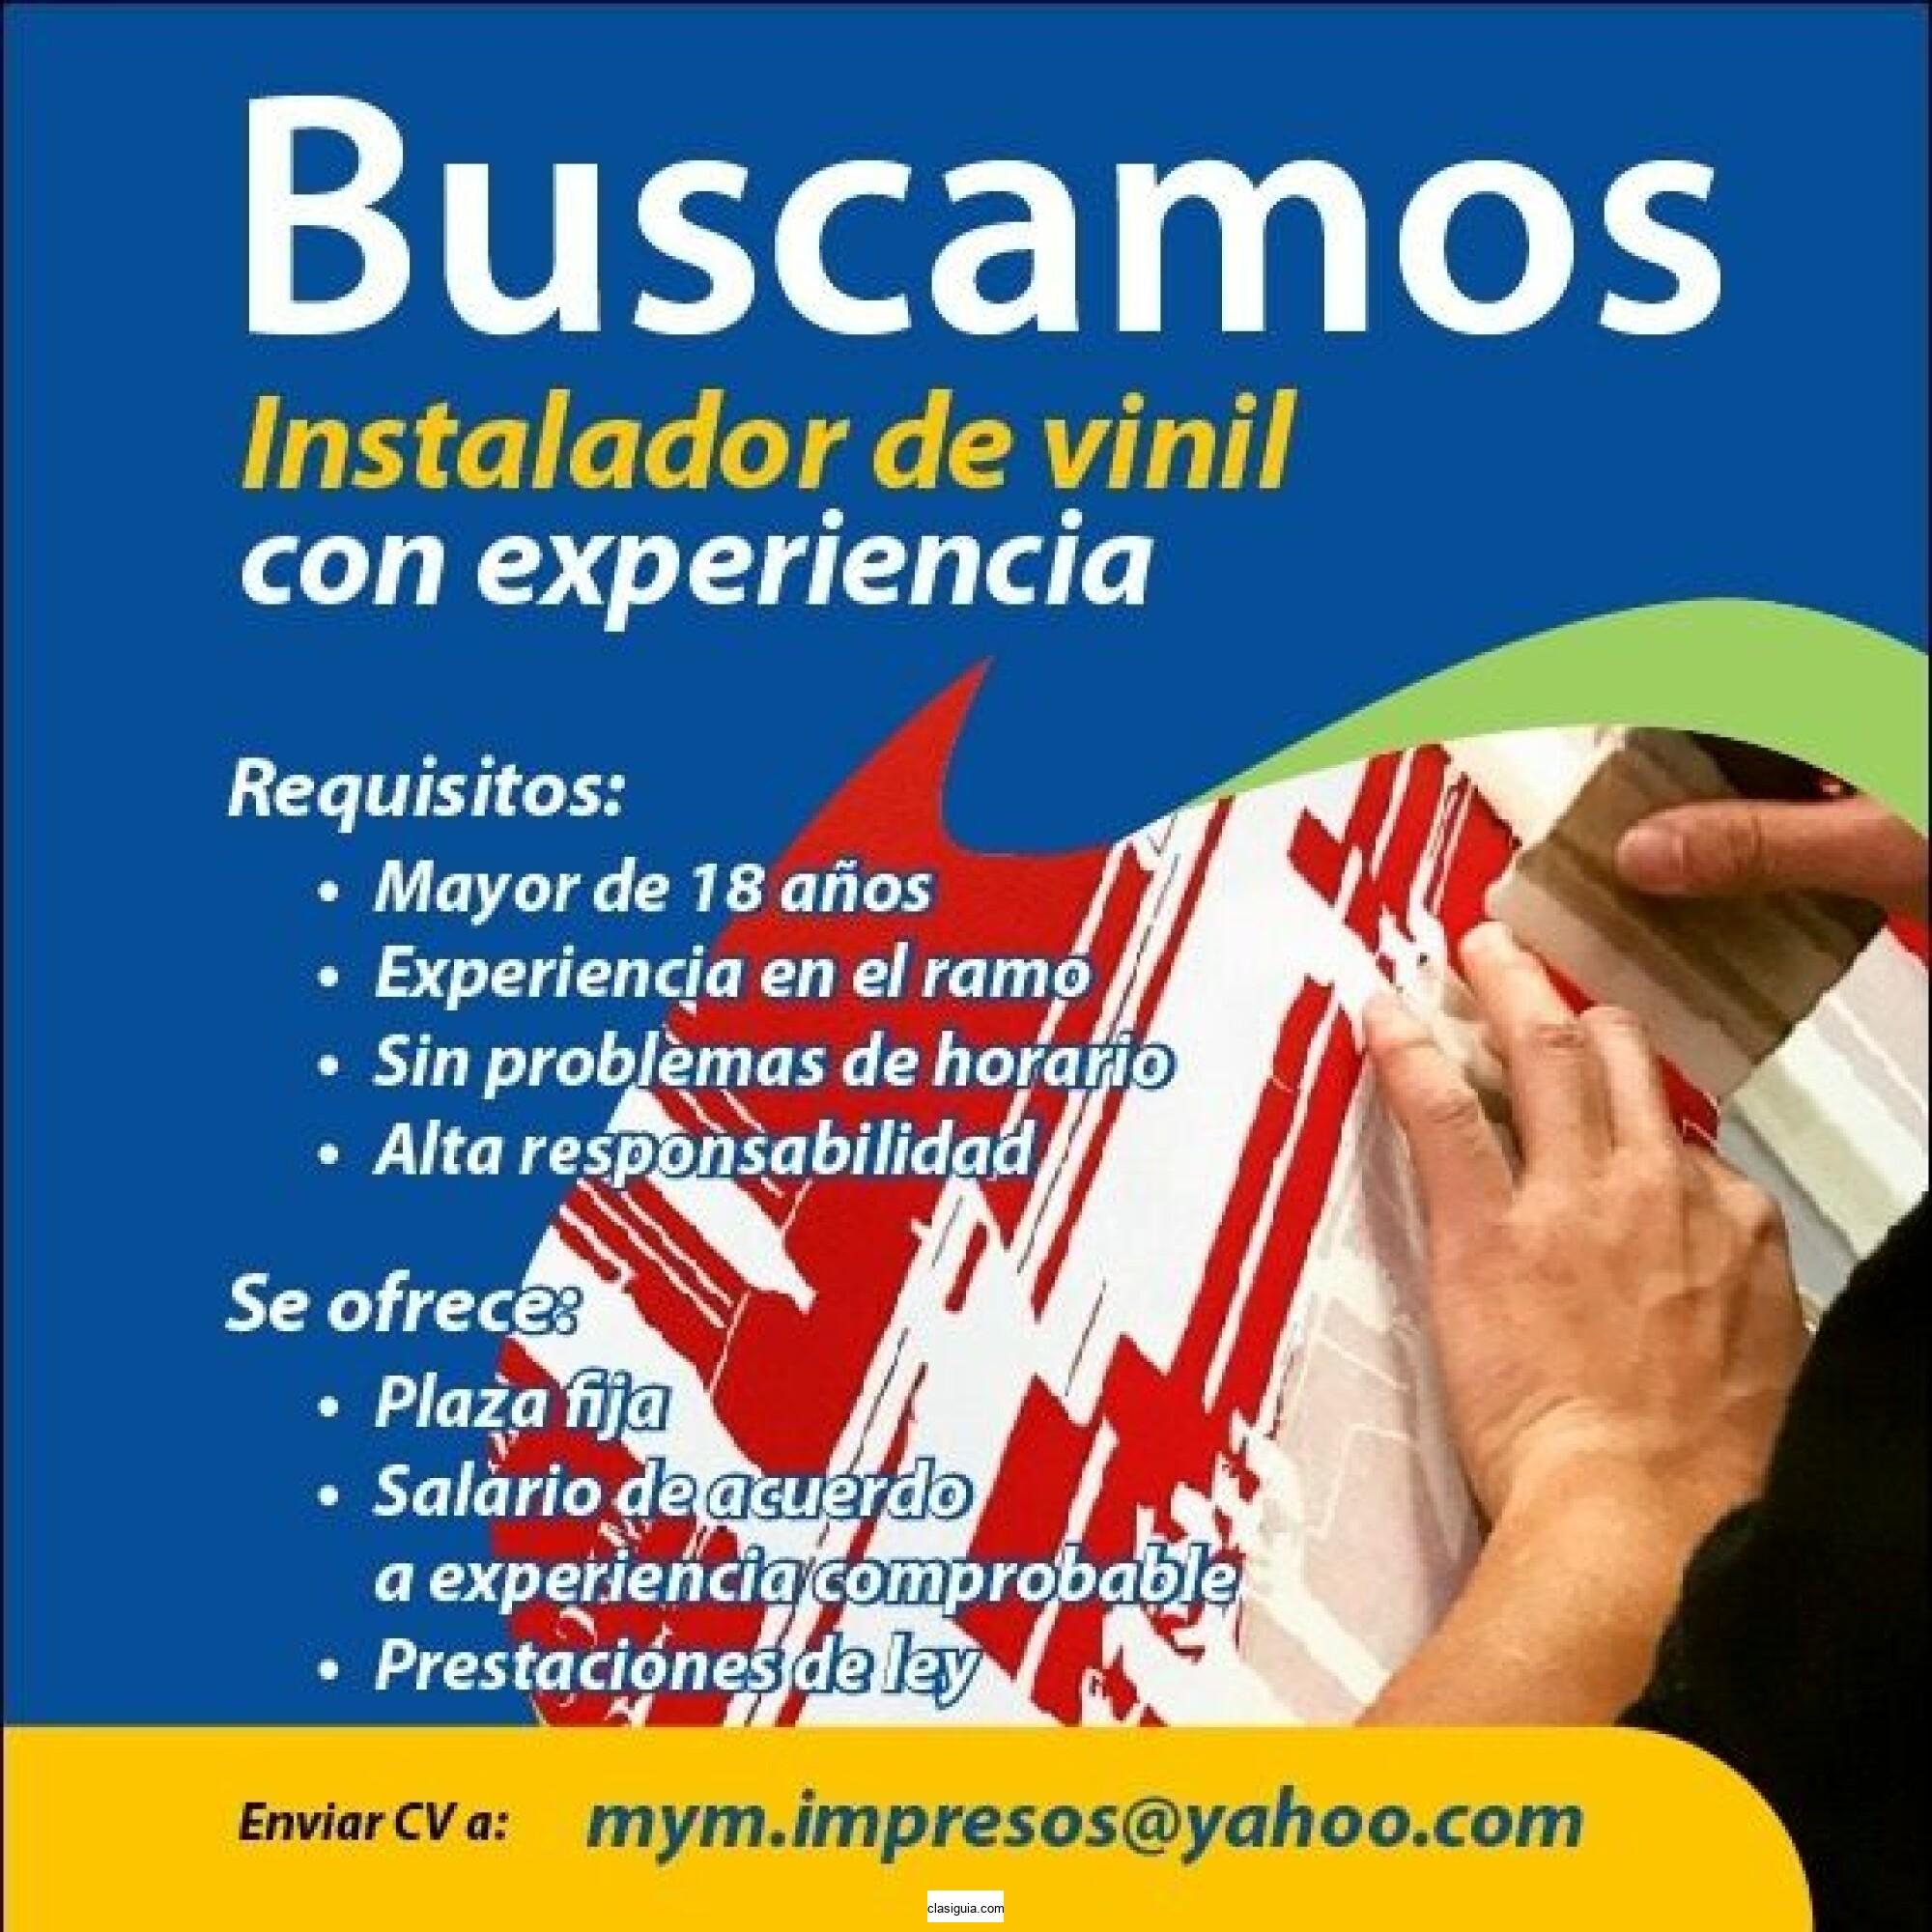 BUSCAMOS INSTALADOR DE VINIL CON EXPERIENCIA